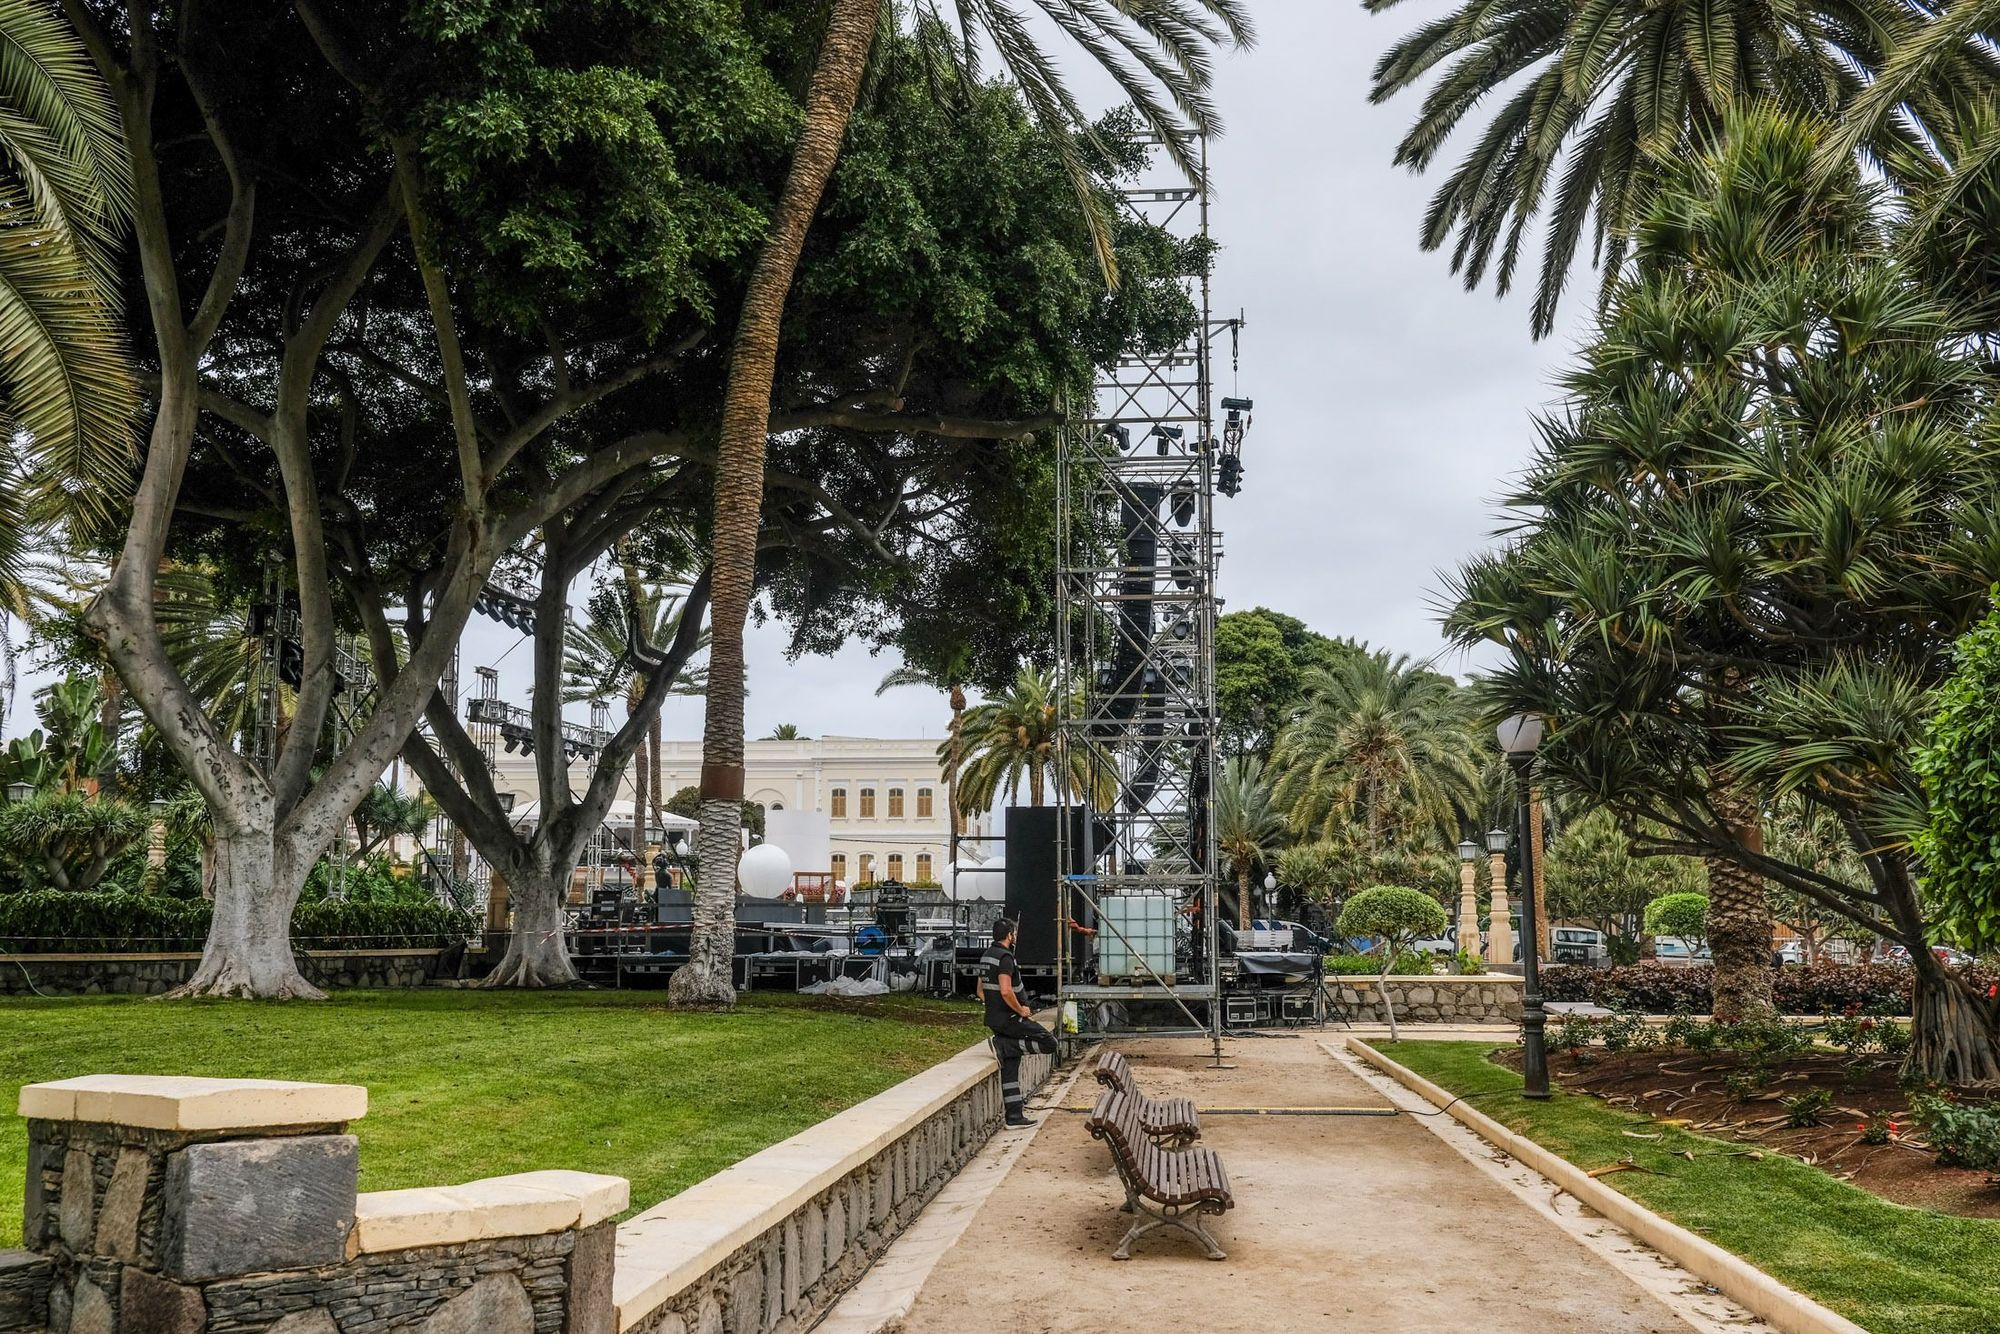 Así es el escenario en el Parque Doramas para el concierto de Dudamel